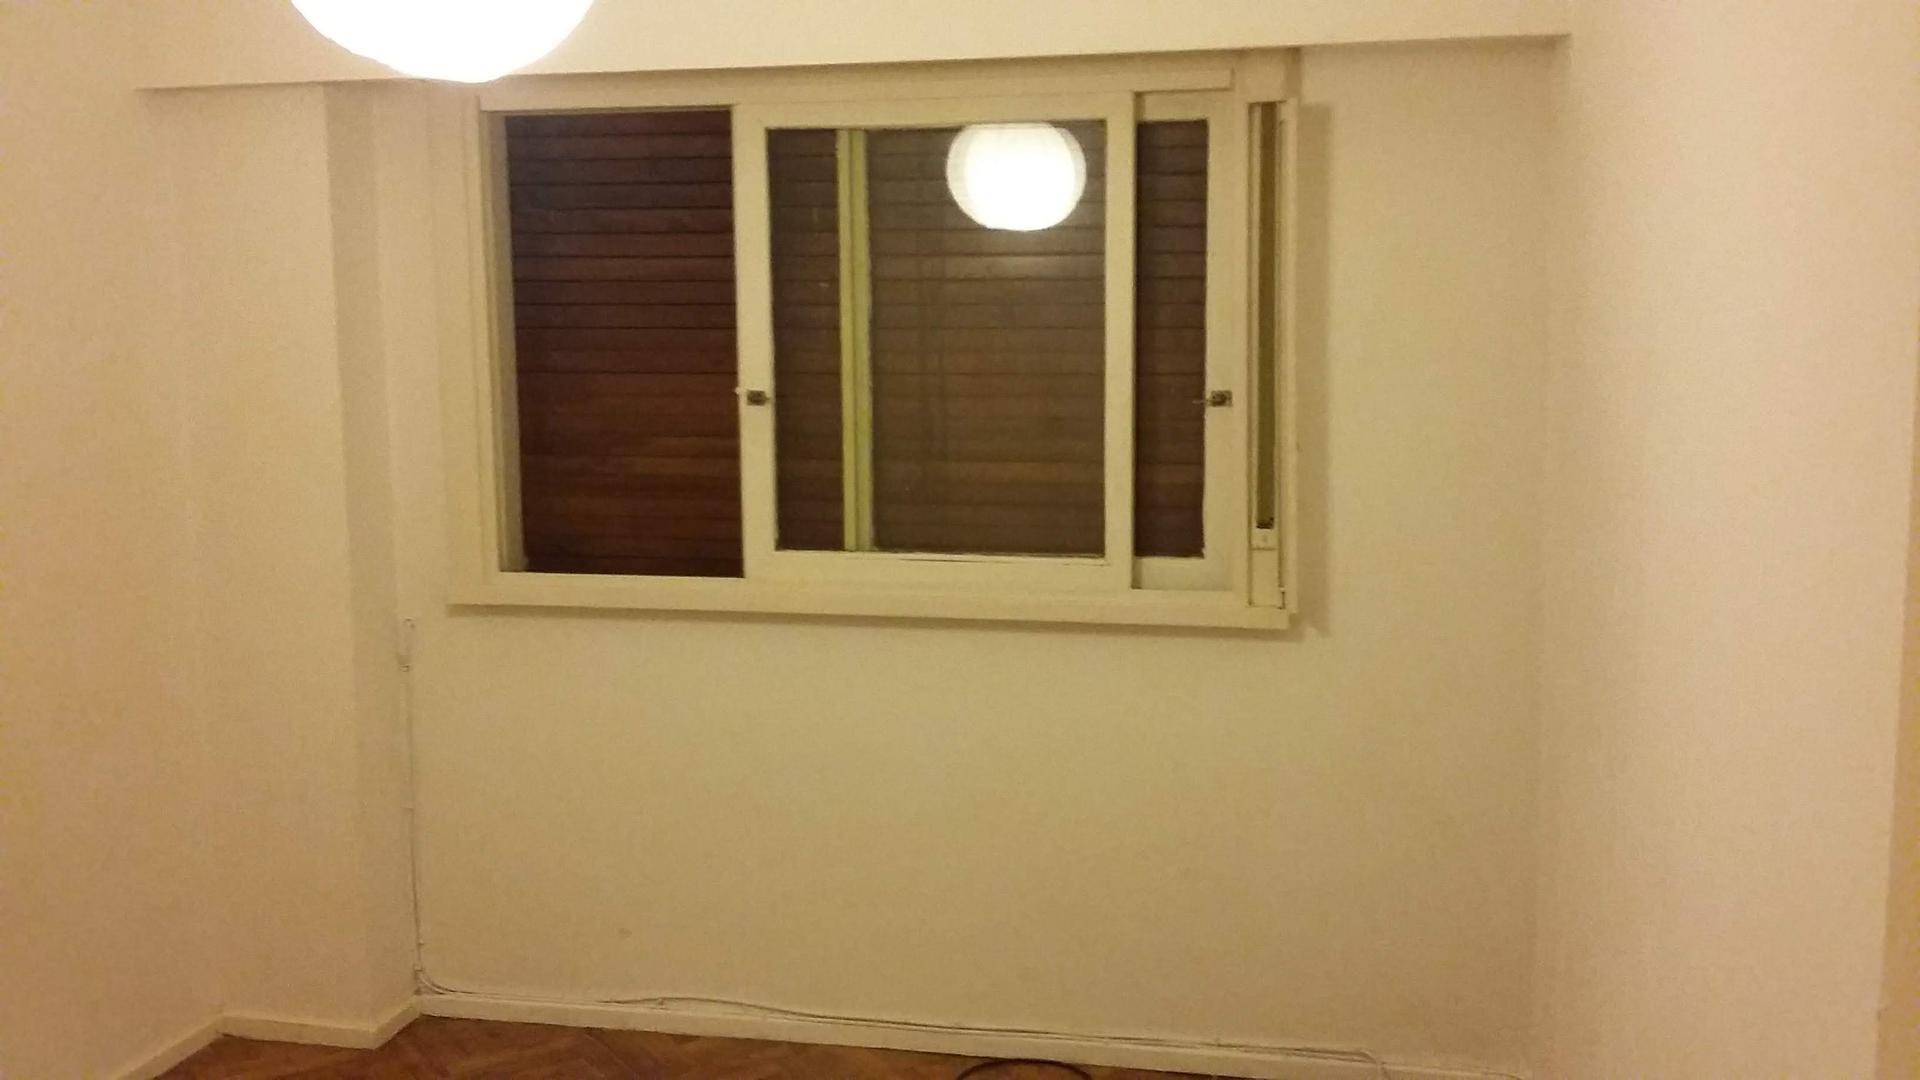 Departamento - 39 m²   1 dormitorio   35 años